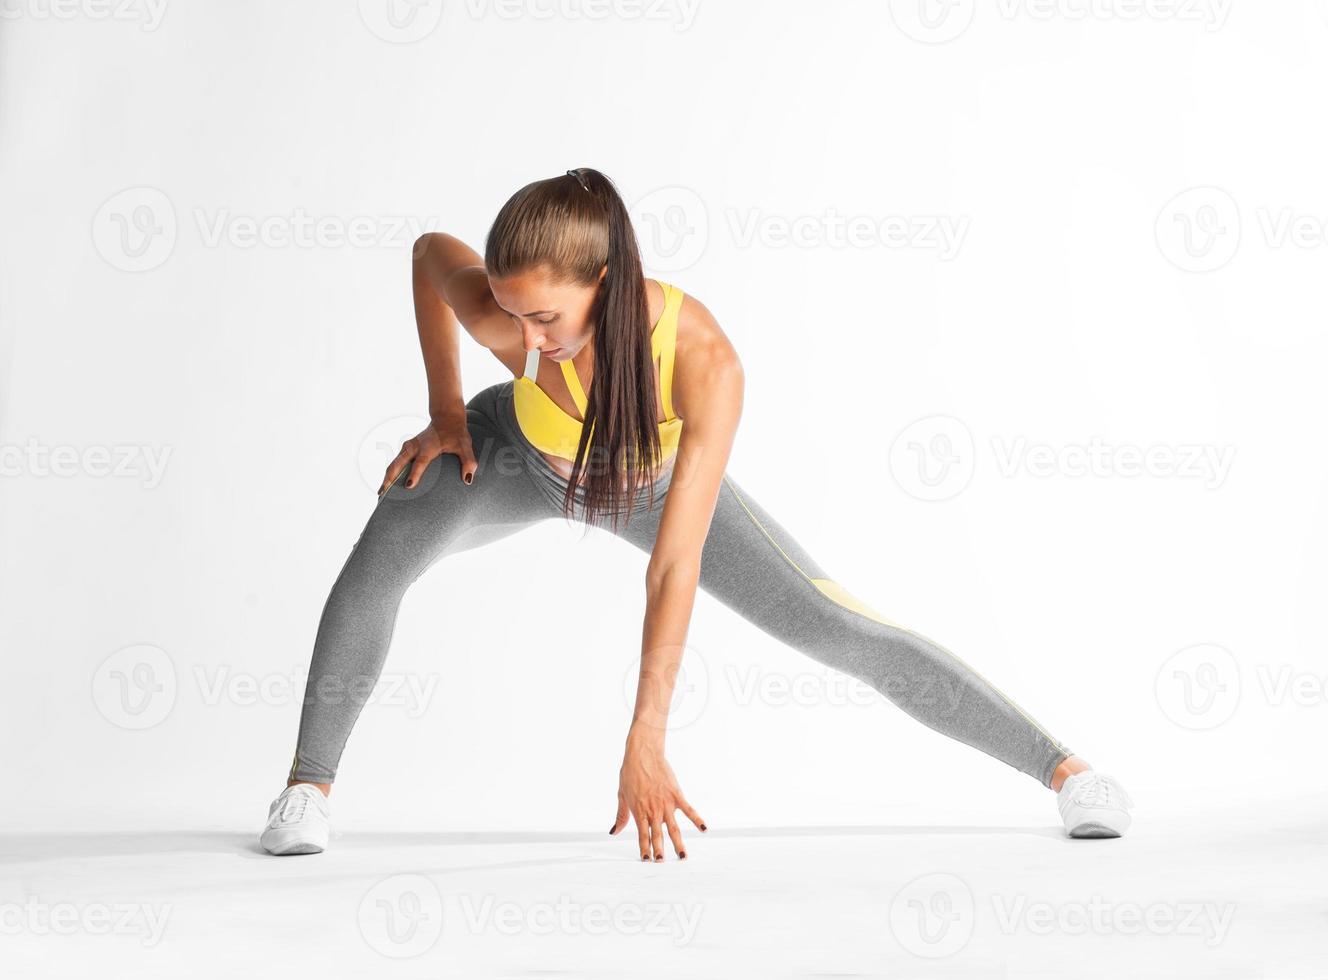 aeróbica de mulher fitness em fundo branco foto